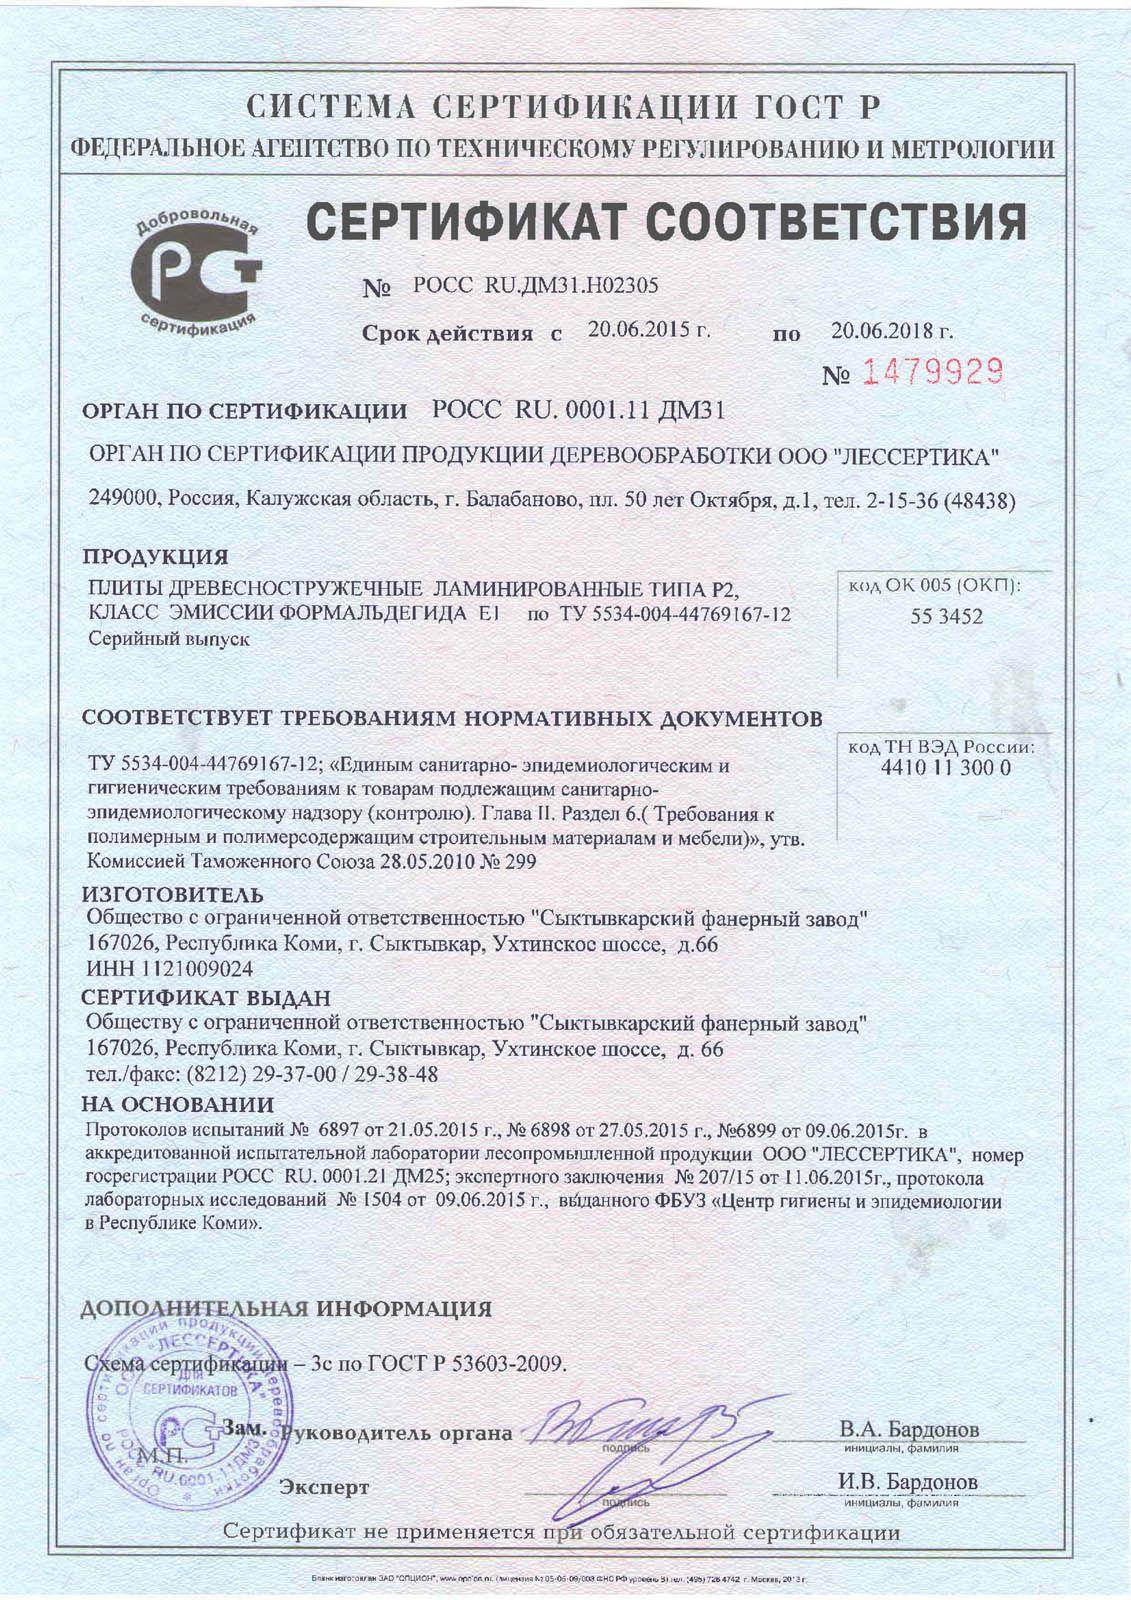 Сертификат соответствия на ЛДСП 02